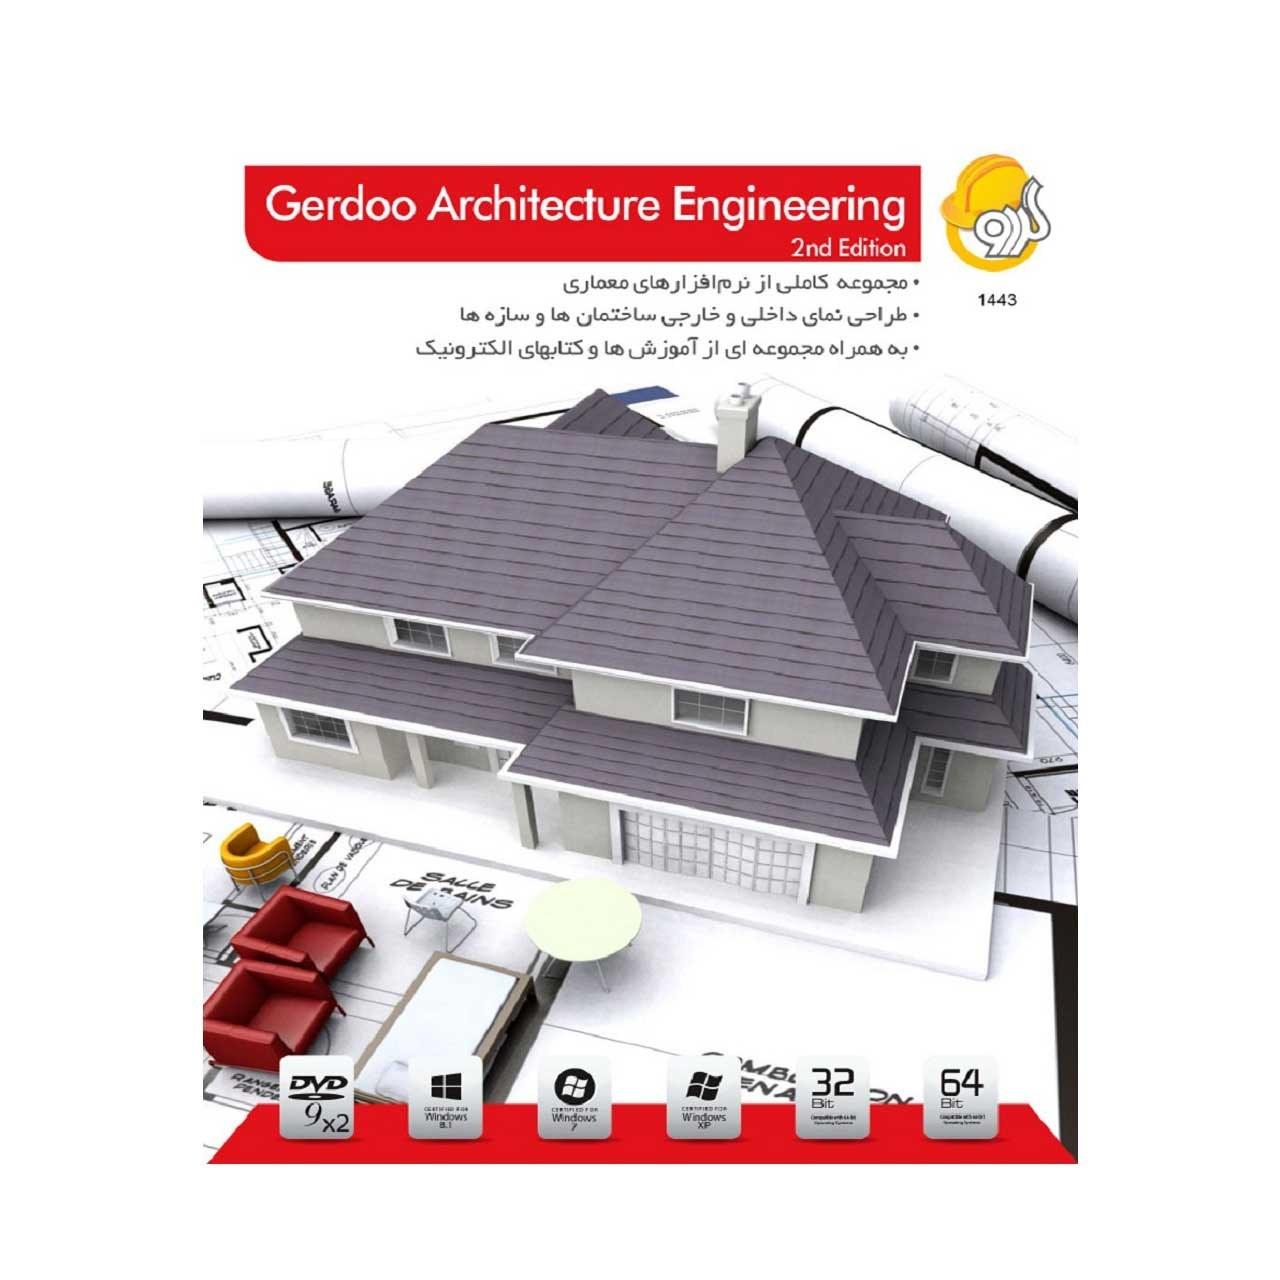 مجموعه نرم افزار مهندسی Architecture Engineering |